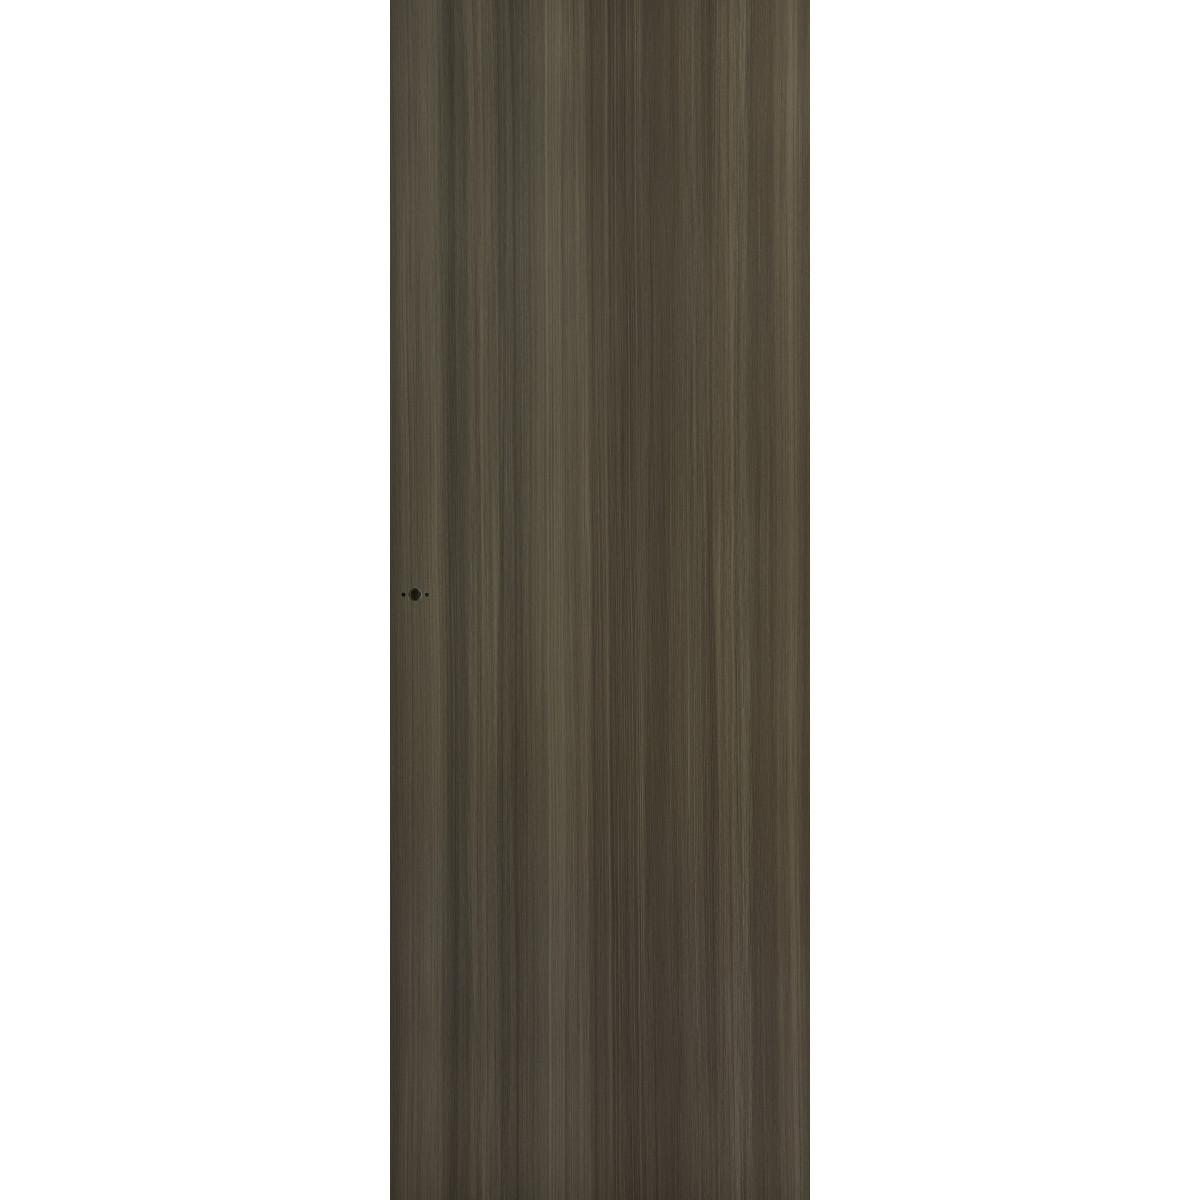 Дверь Межкомнатная Глухая Селена 200x90 Цвет Сандал